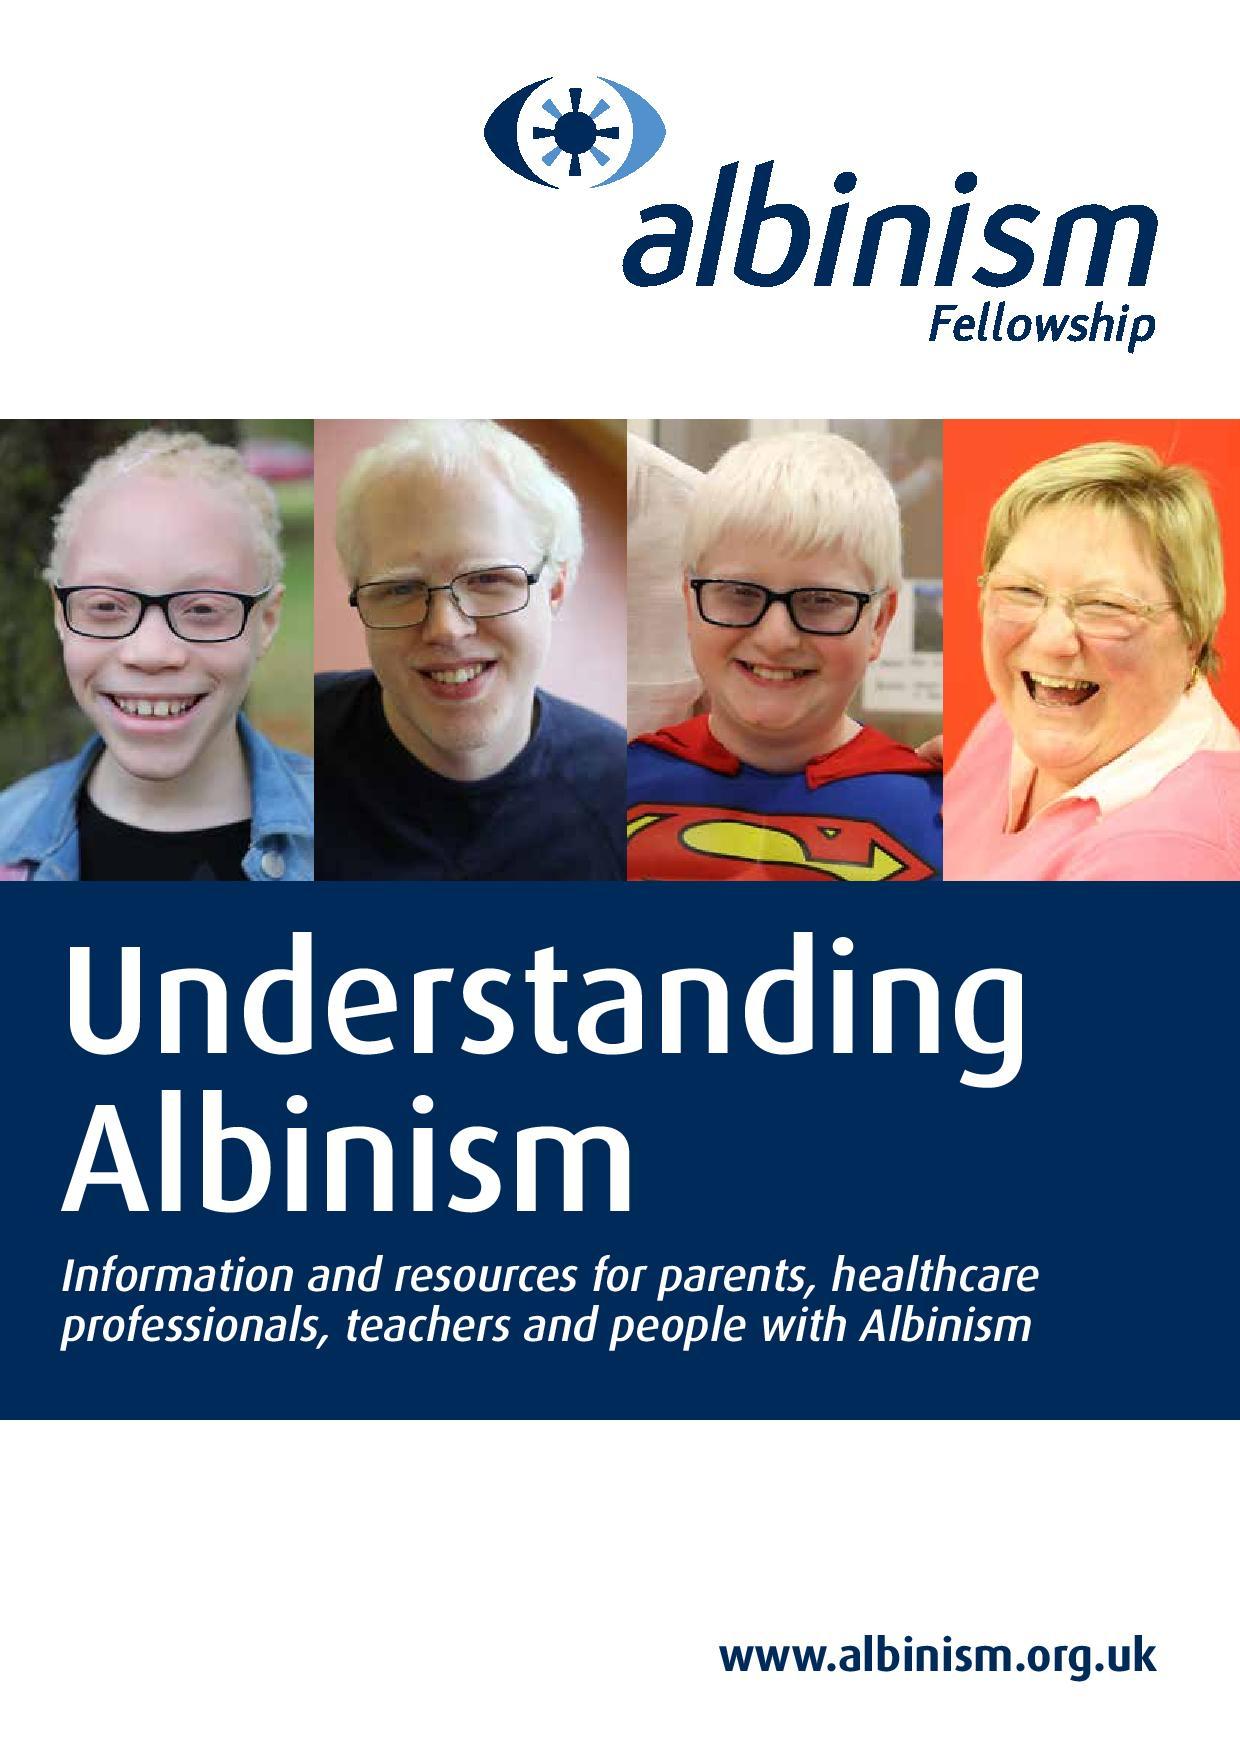 Albinism Awareness Day